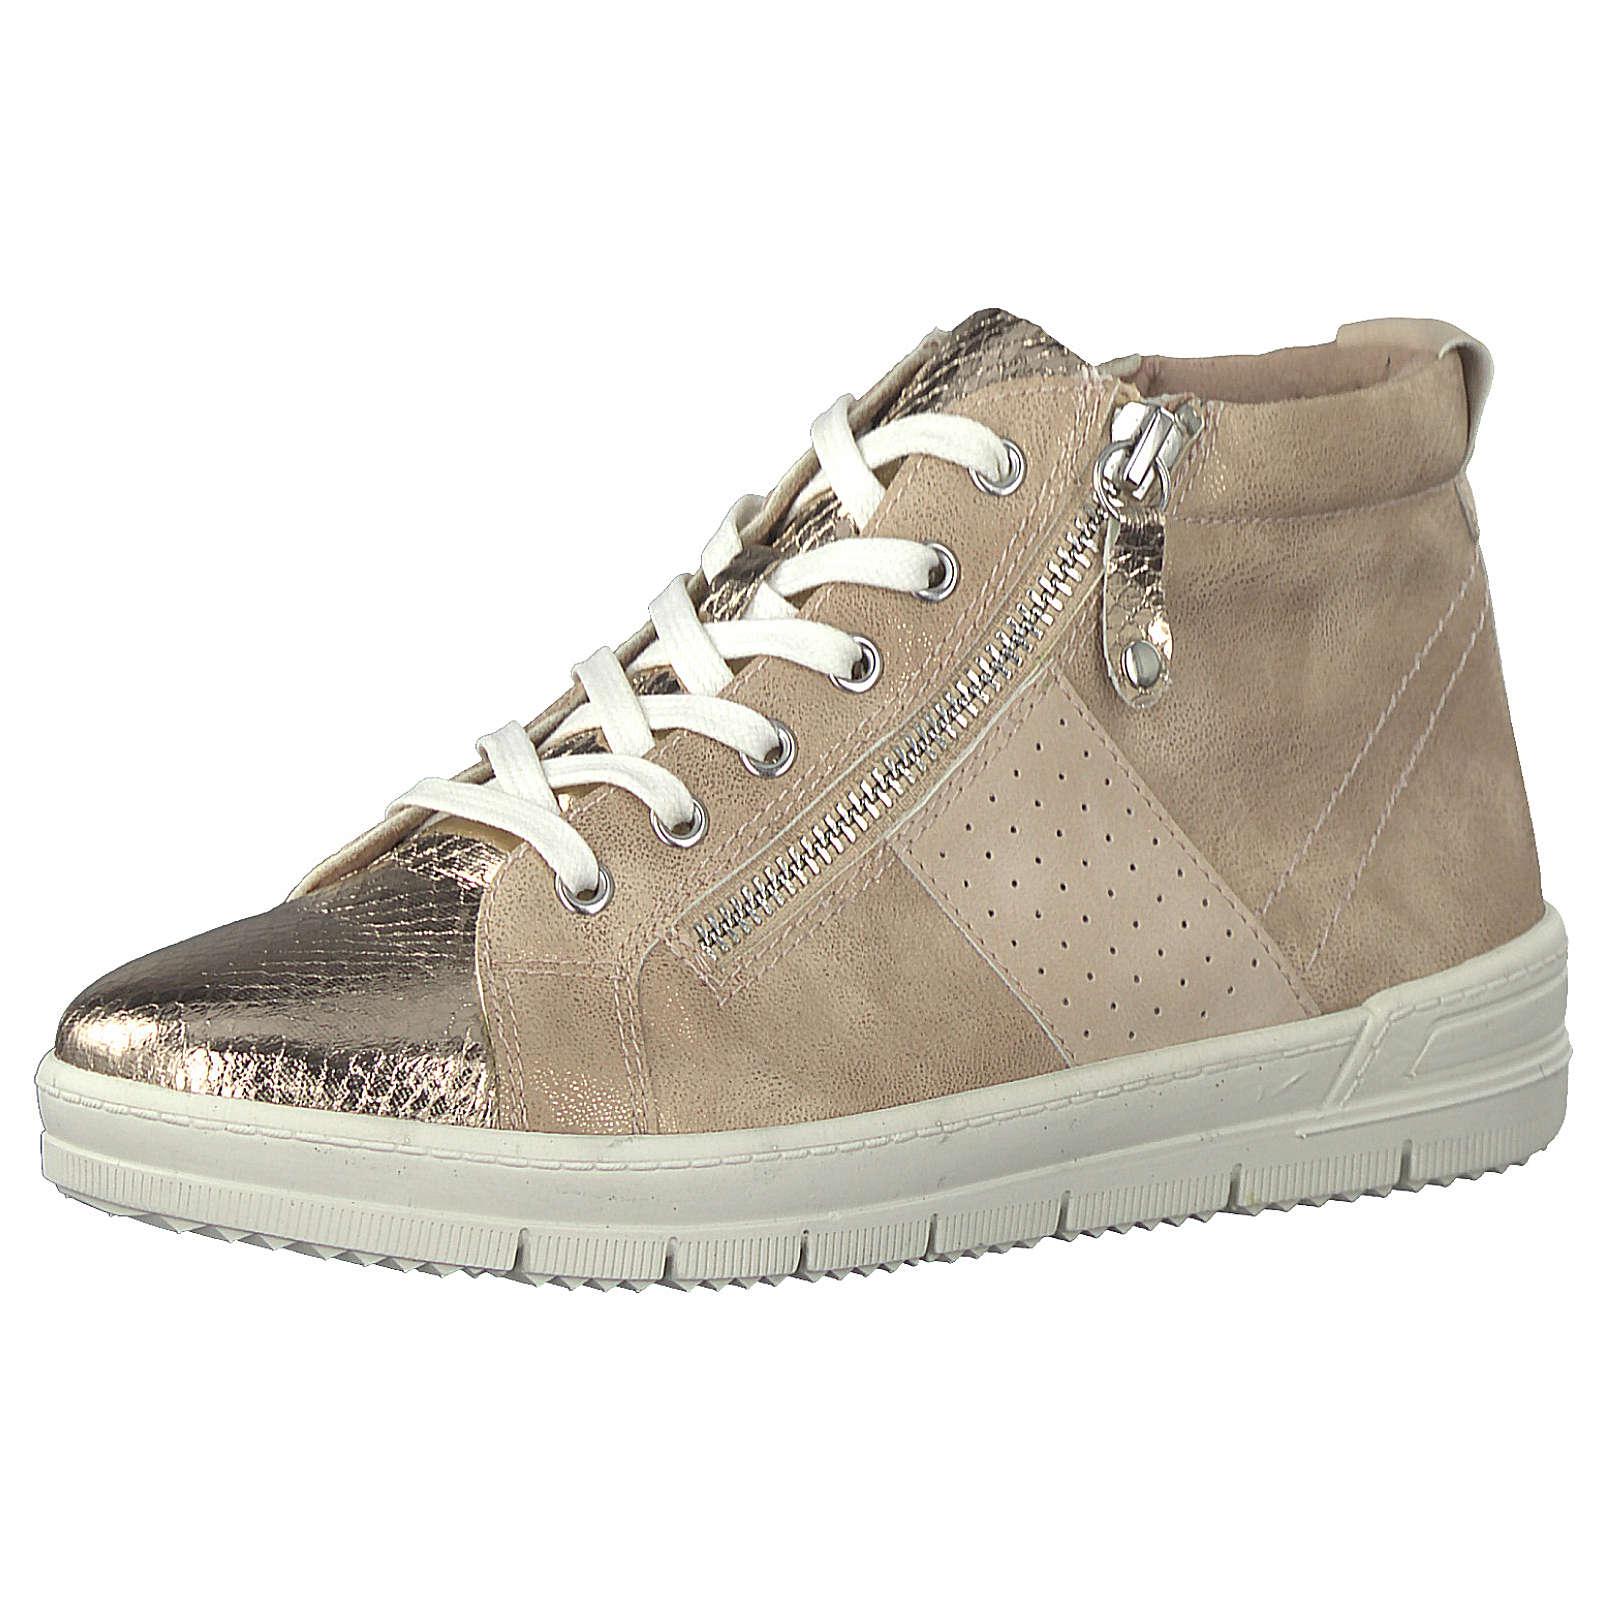 Tamaris Sneakers rosegold Damen Gr. 36